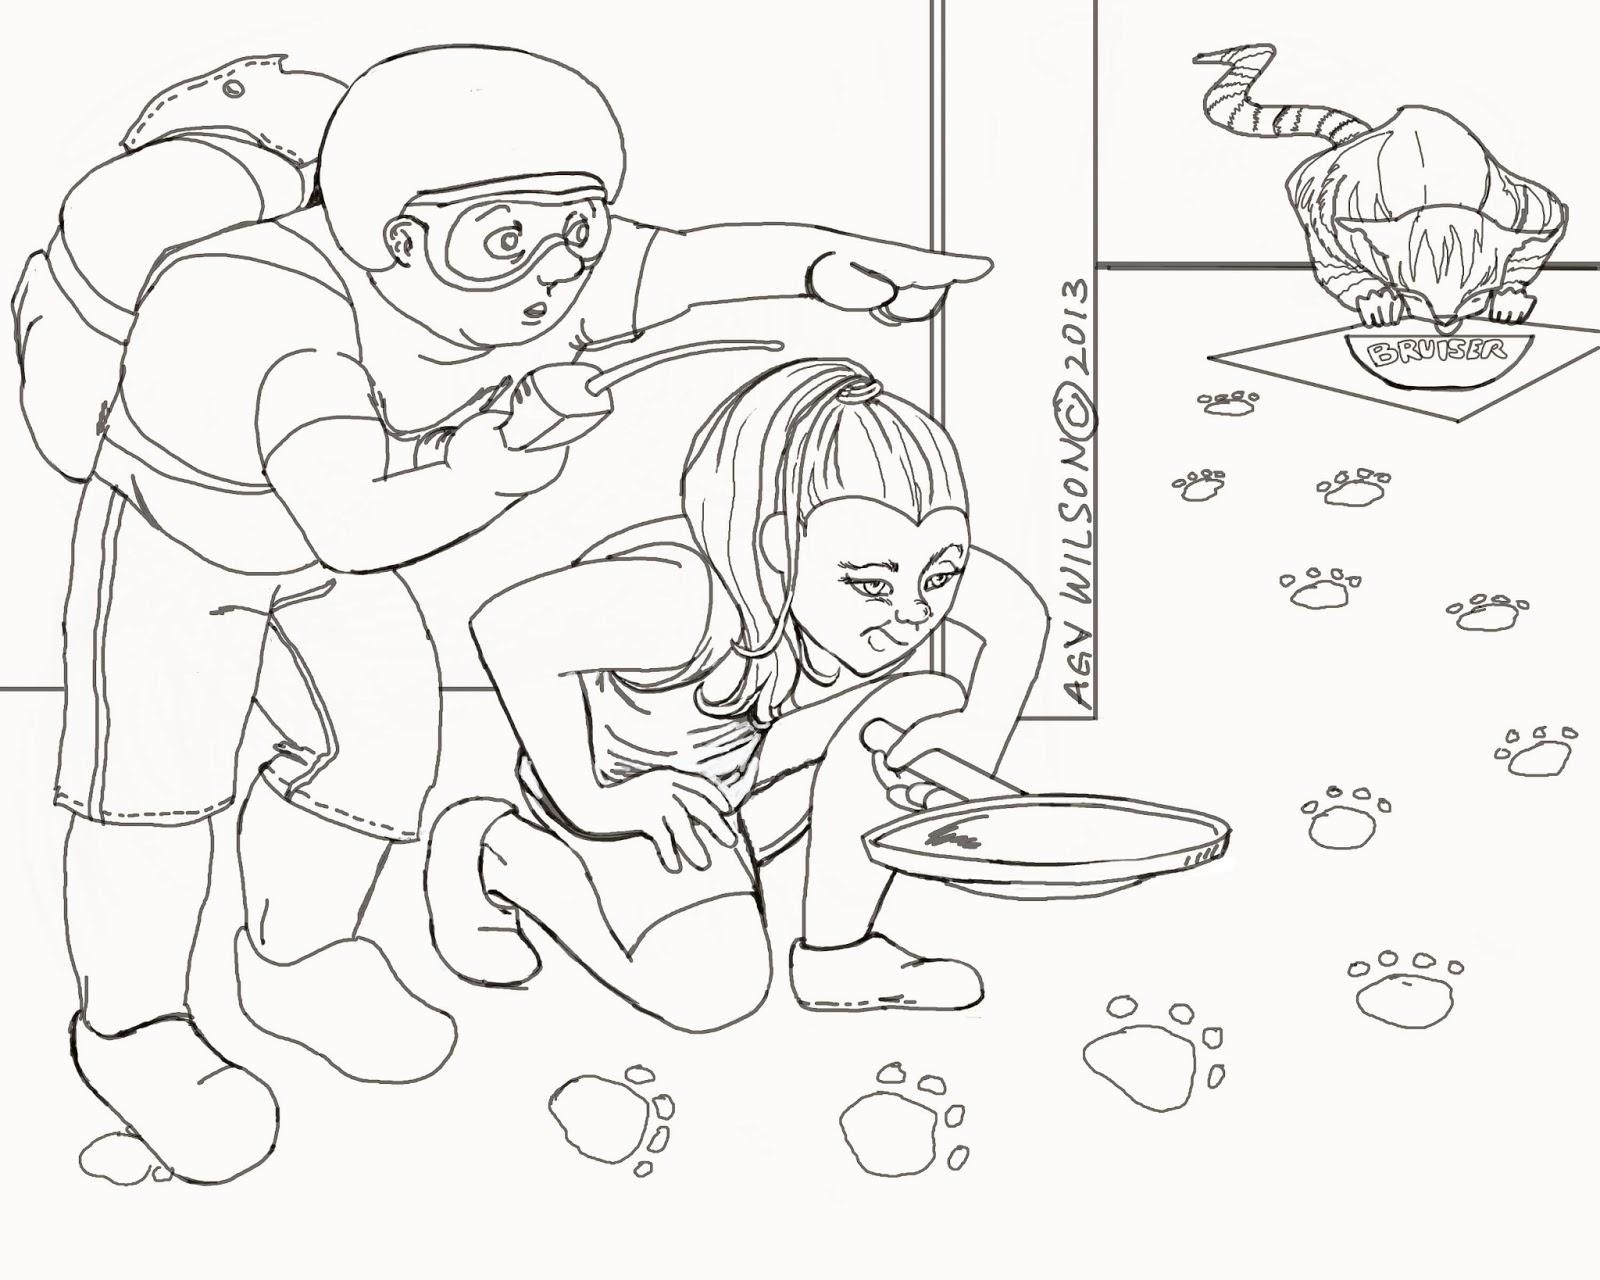 caldecott coloring pages - photo#40